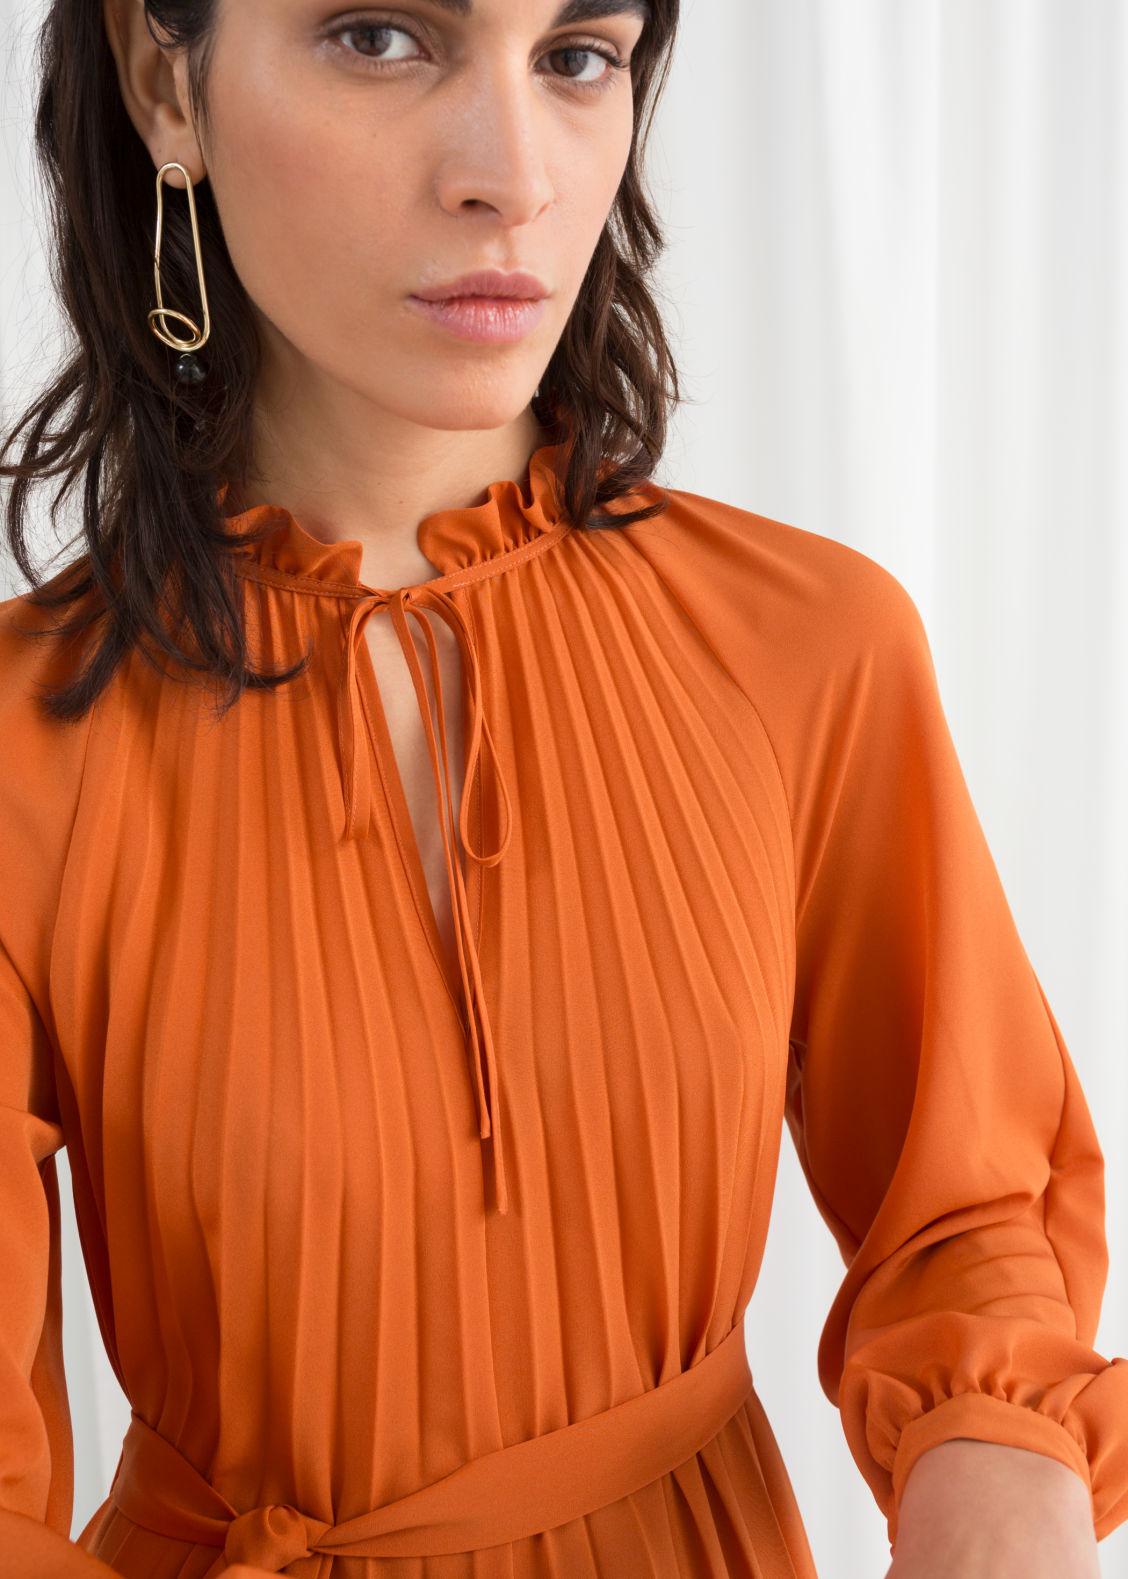 Leopard Pleated Midi Dress - Leo Print - Midi dresses -   Other Stories d76c26dca